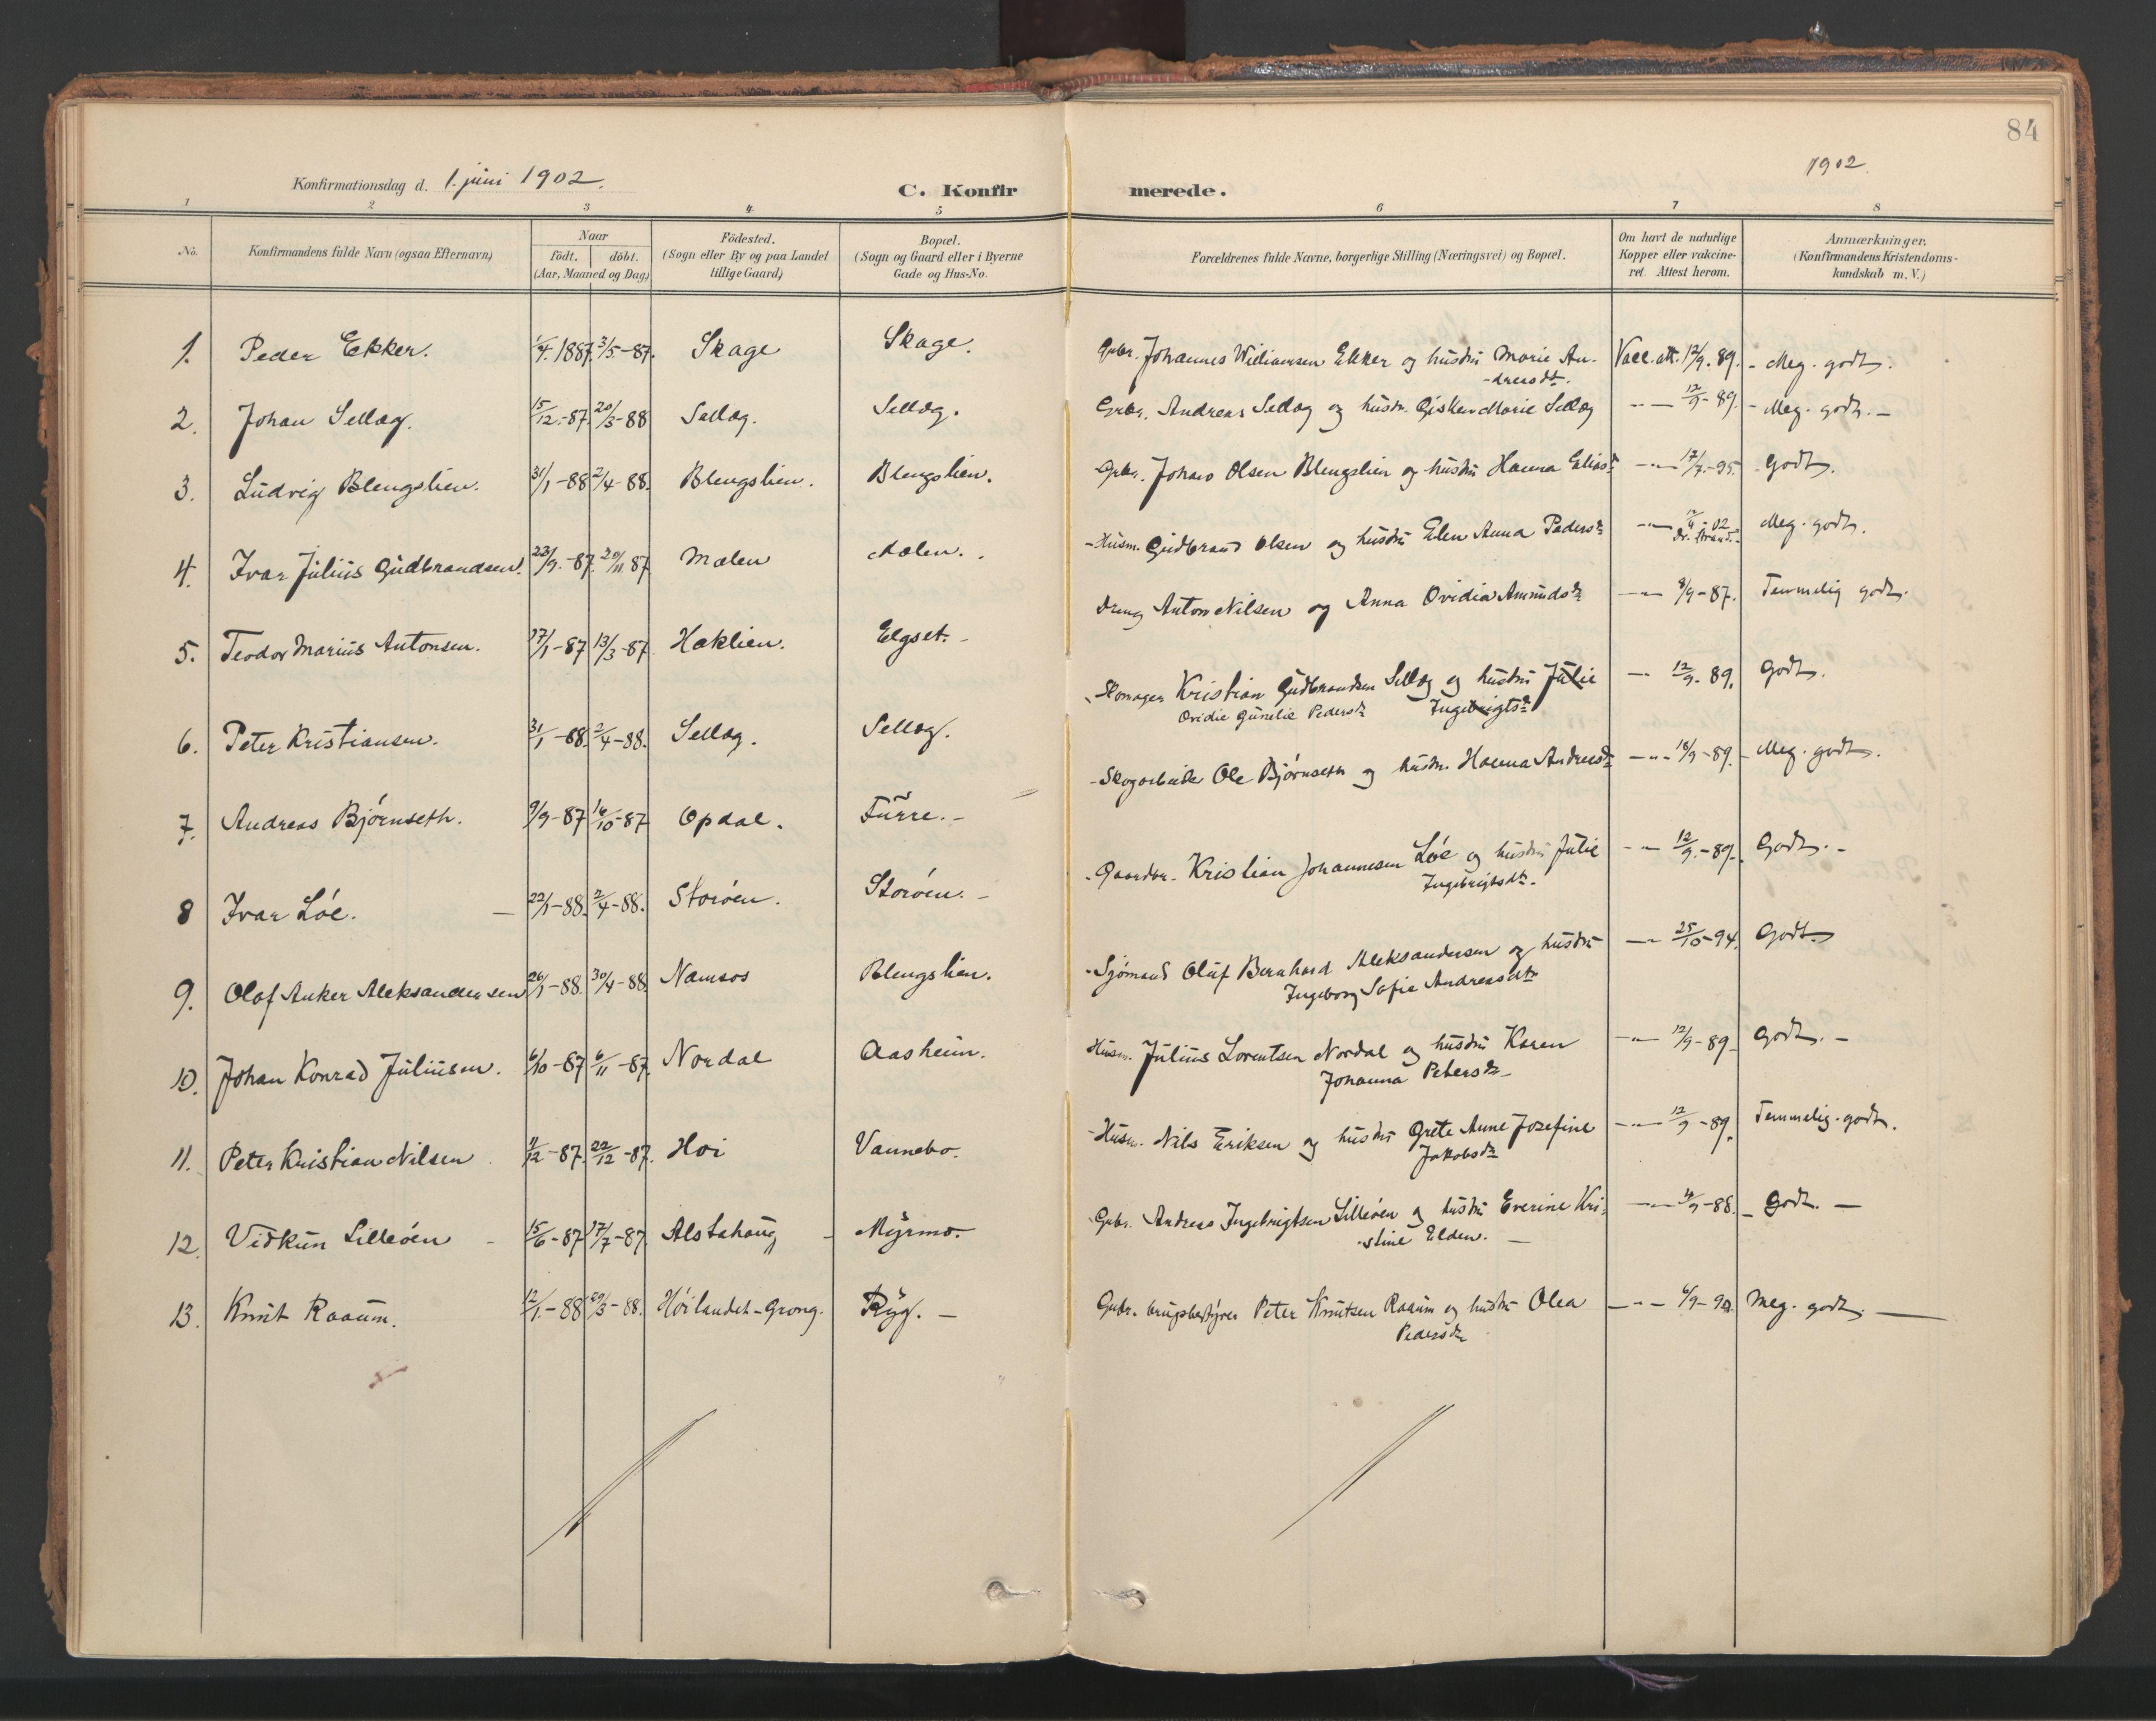 SAT, Ministerialprotokoller, klokkerbøker og fødselsregistre - Nord-Trøndelag, 766/L0564: Ministerialbok nr. 767A02, 1900-1932, s. 84